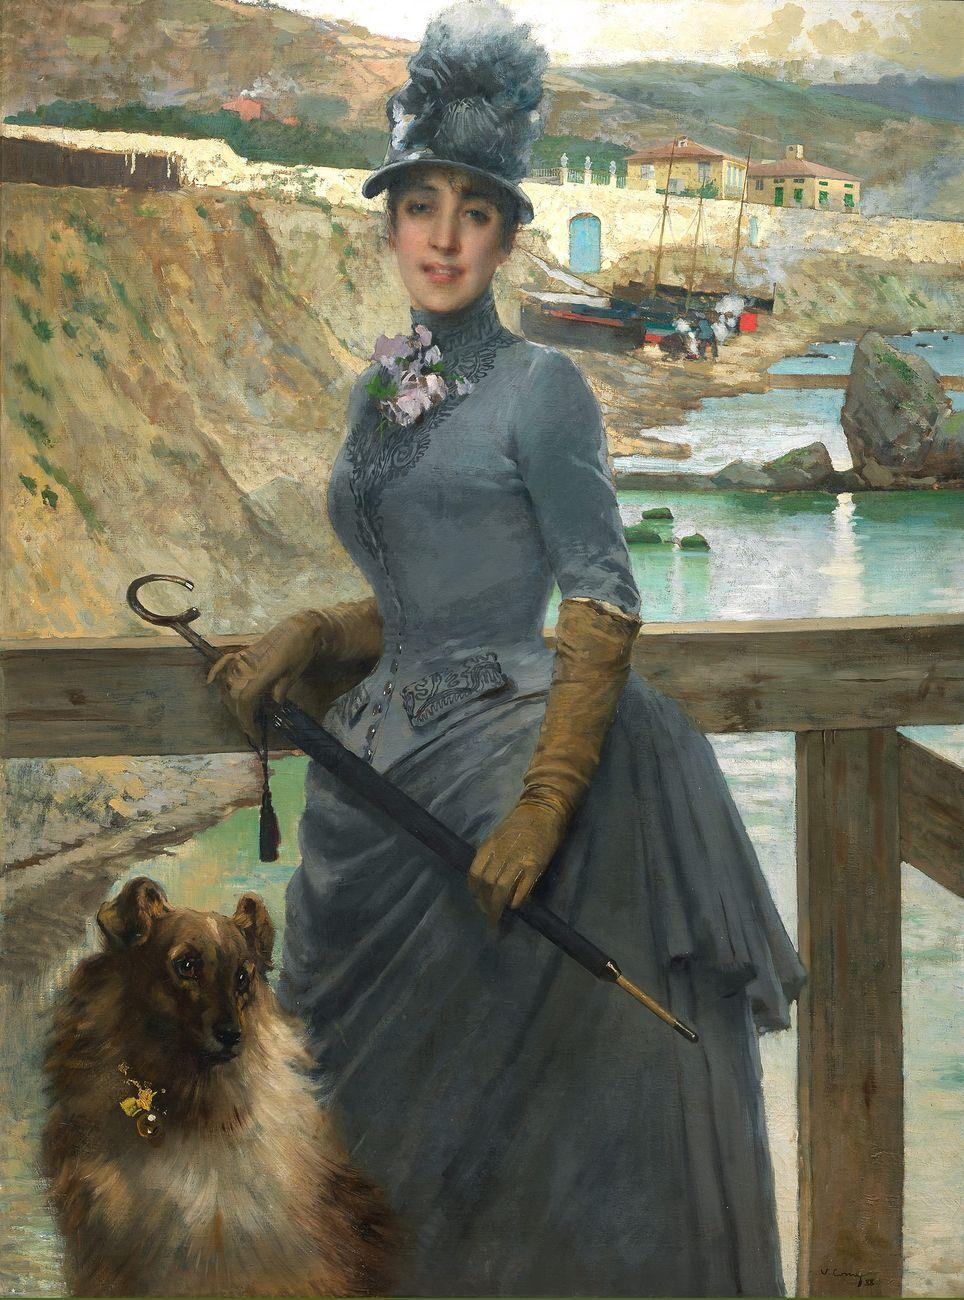 Vittorio Corcos, Ritratto della figlia di Jack La Bolina, 1888, olio su tela, 139x105 cm. Gallerie degli Uffizi, Firenze